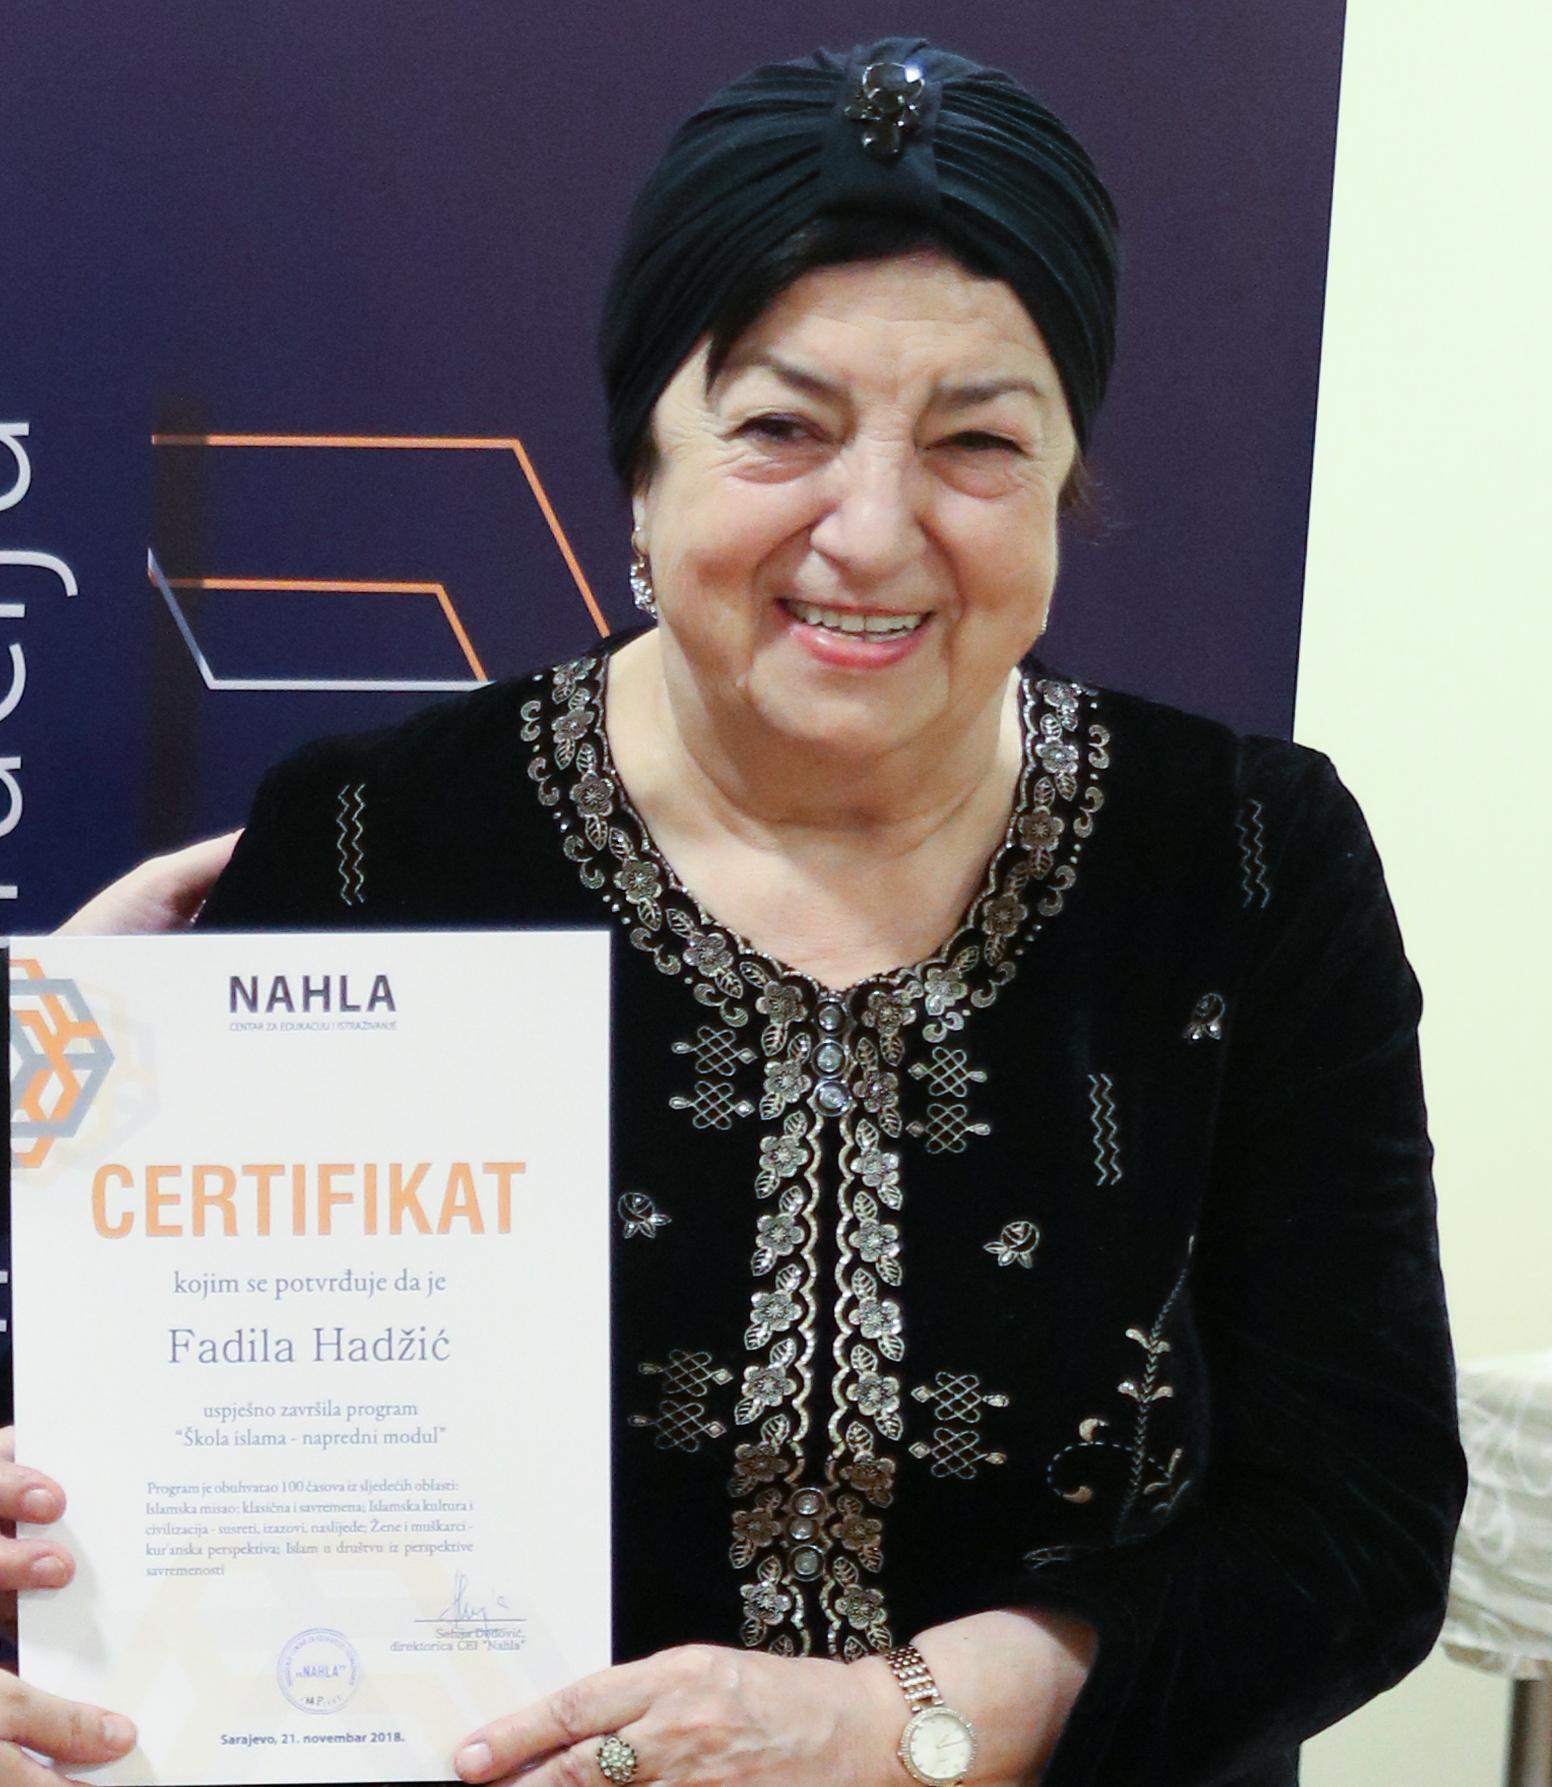 Fadila Hadžić, 72